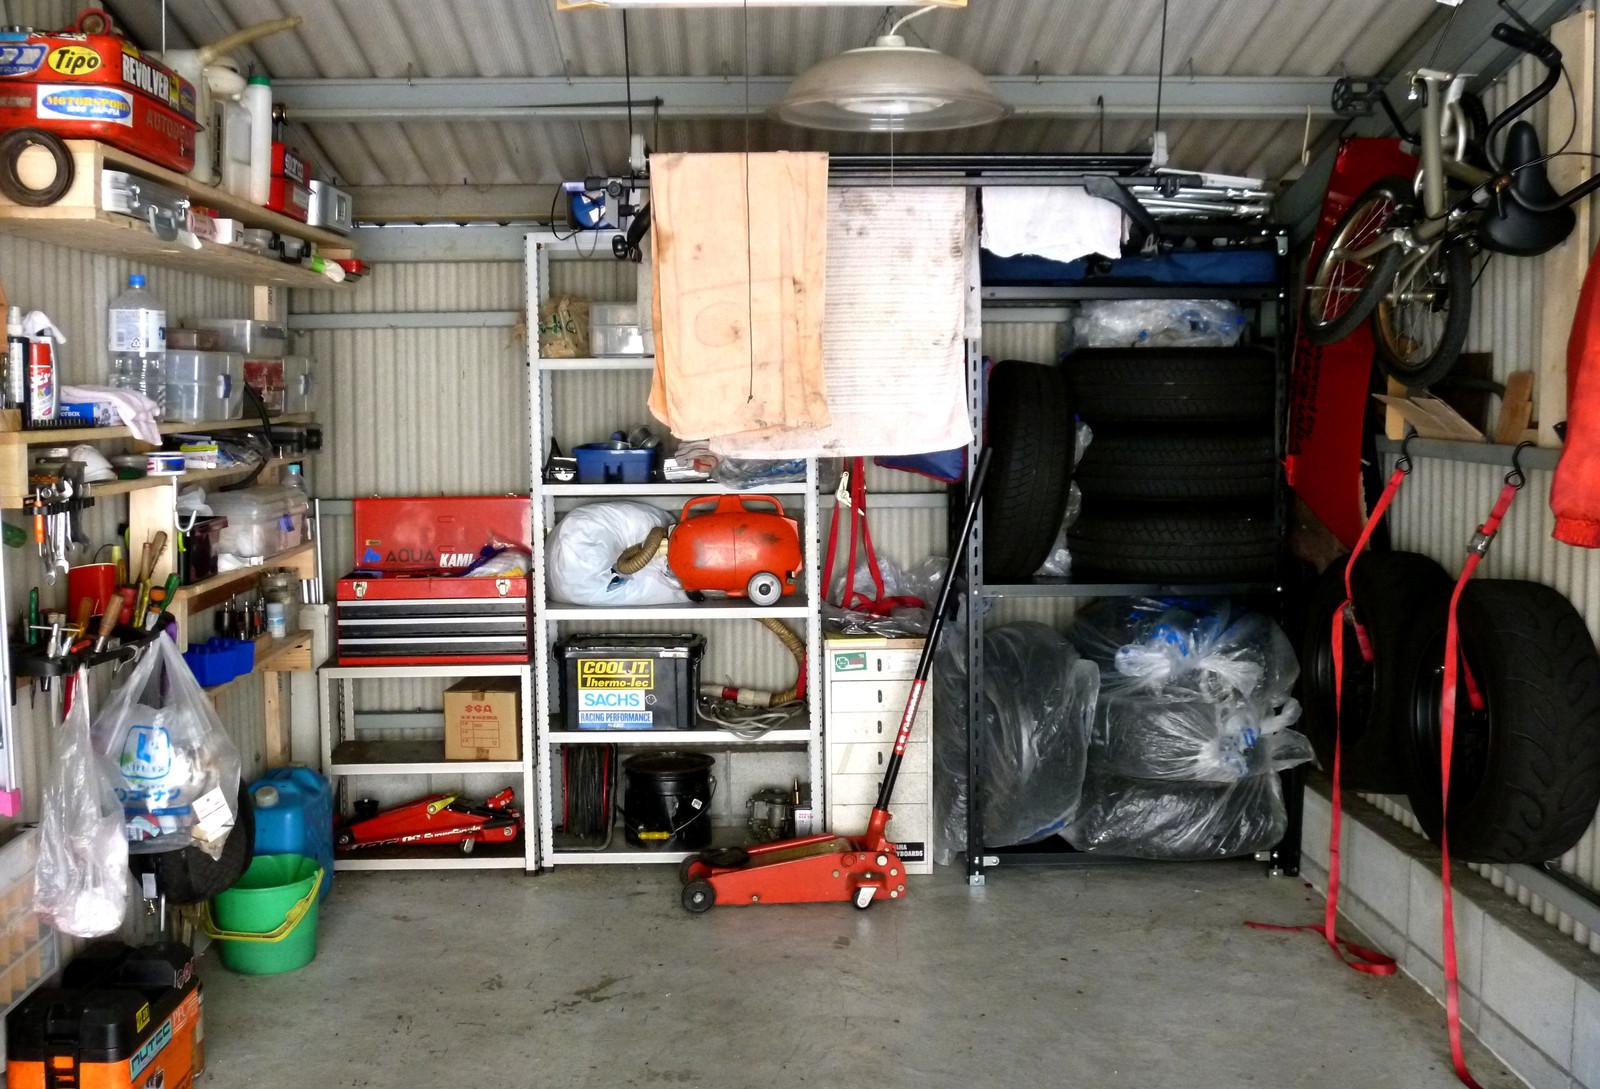 ガレージは男のロマン!?夢が満載のガレージに置く収納棚特集!のサムネイル画像